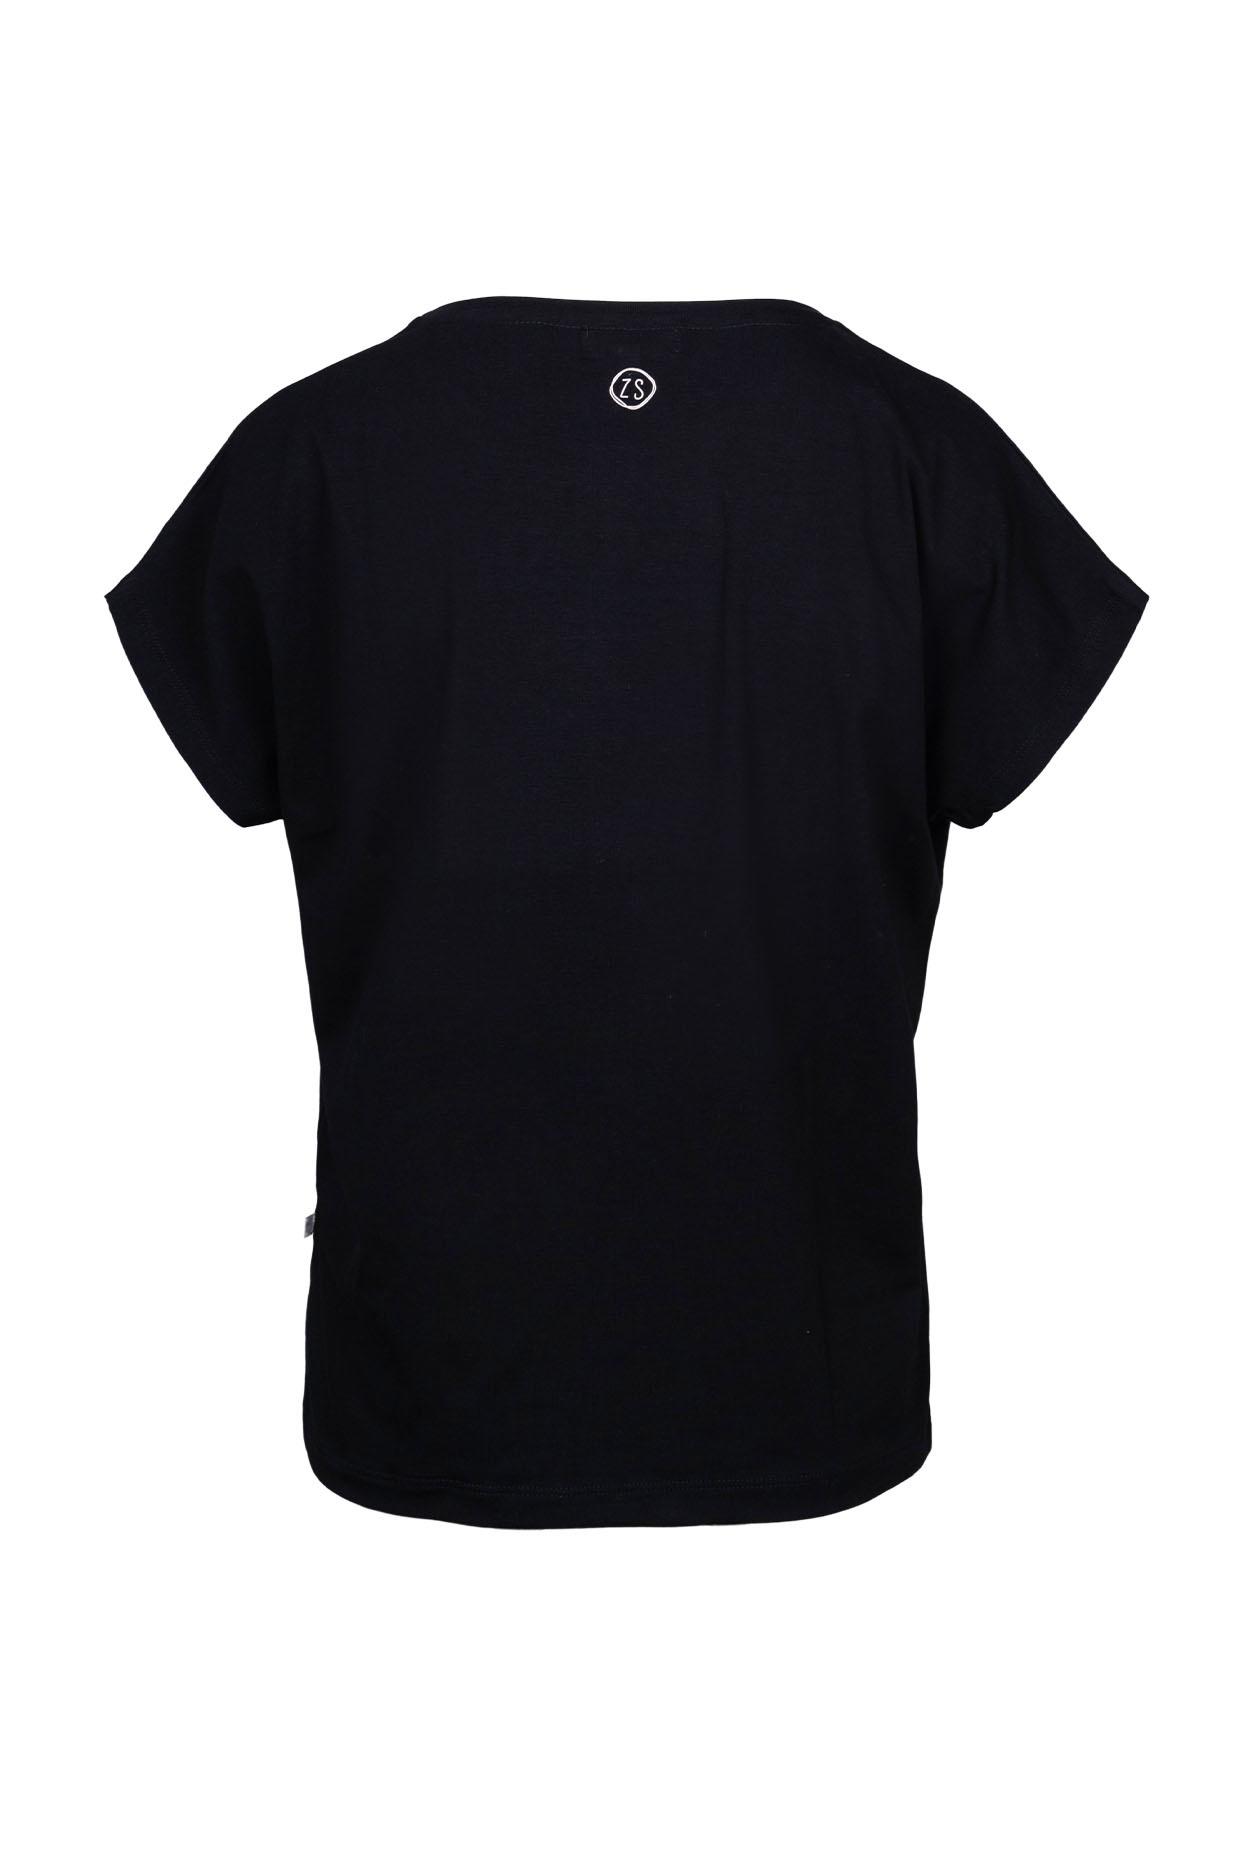 Zusss Zusss tof basic t-shirt zwart